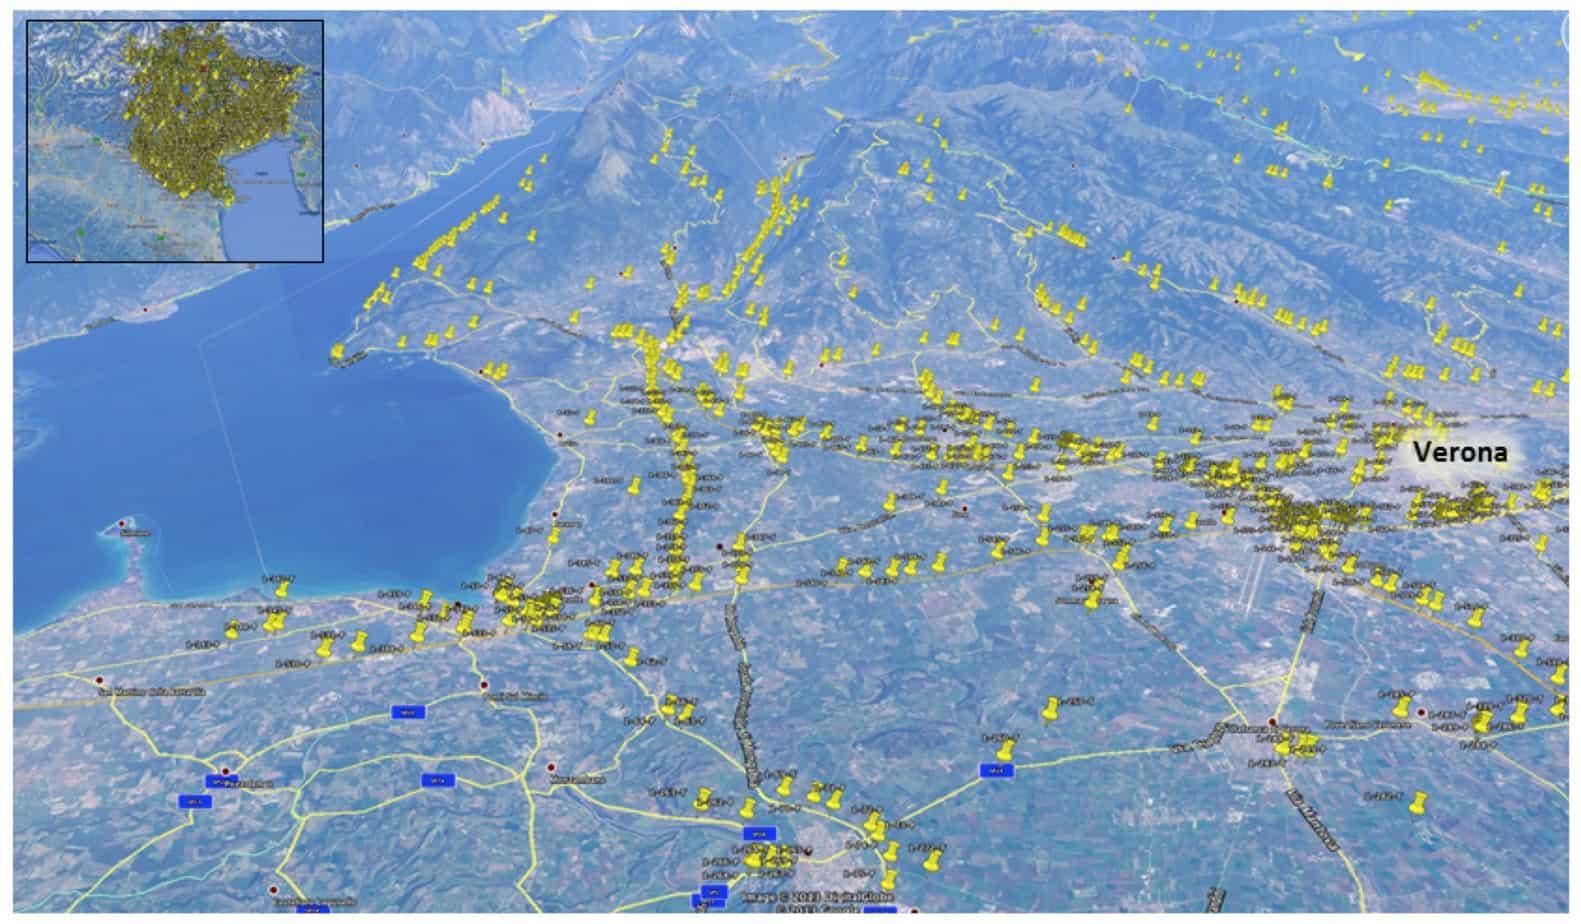 La rappresentazione dei ponti e dei tombini identificati nella zona Ovest della provincia di Verona